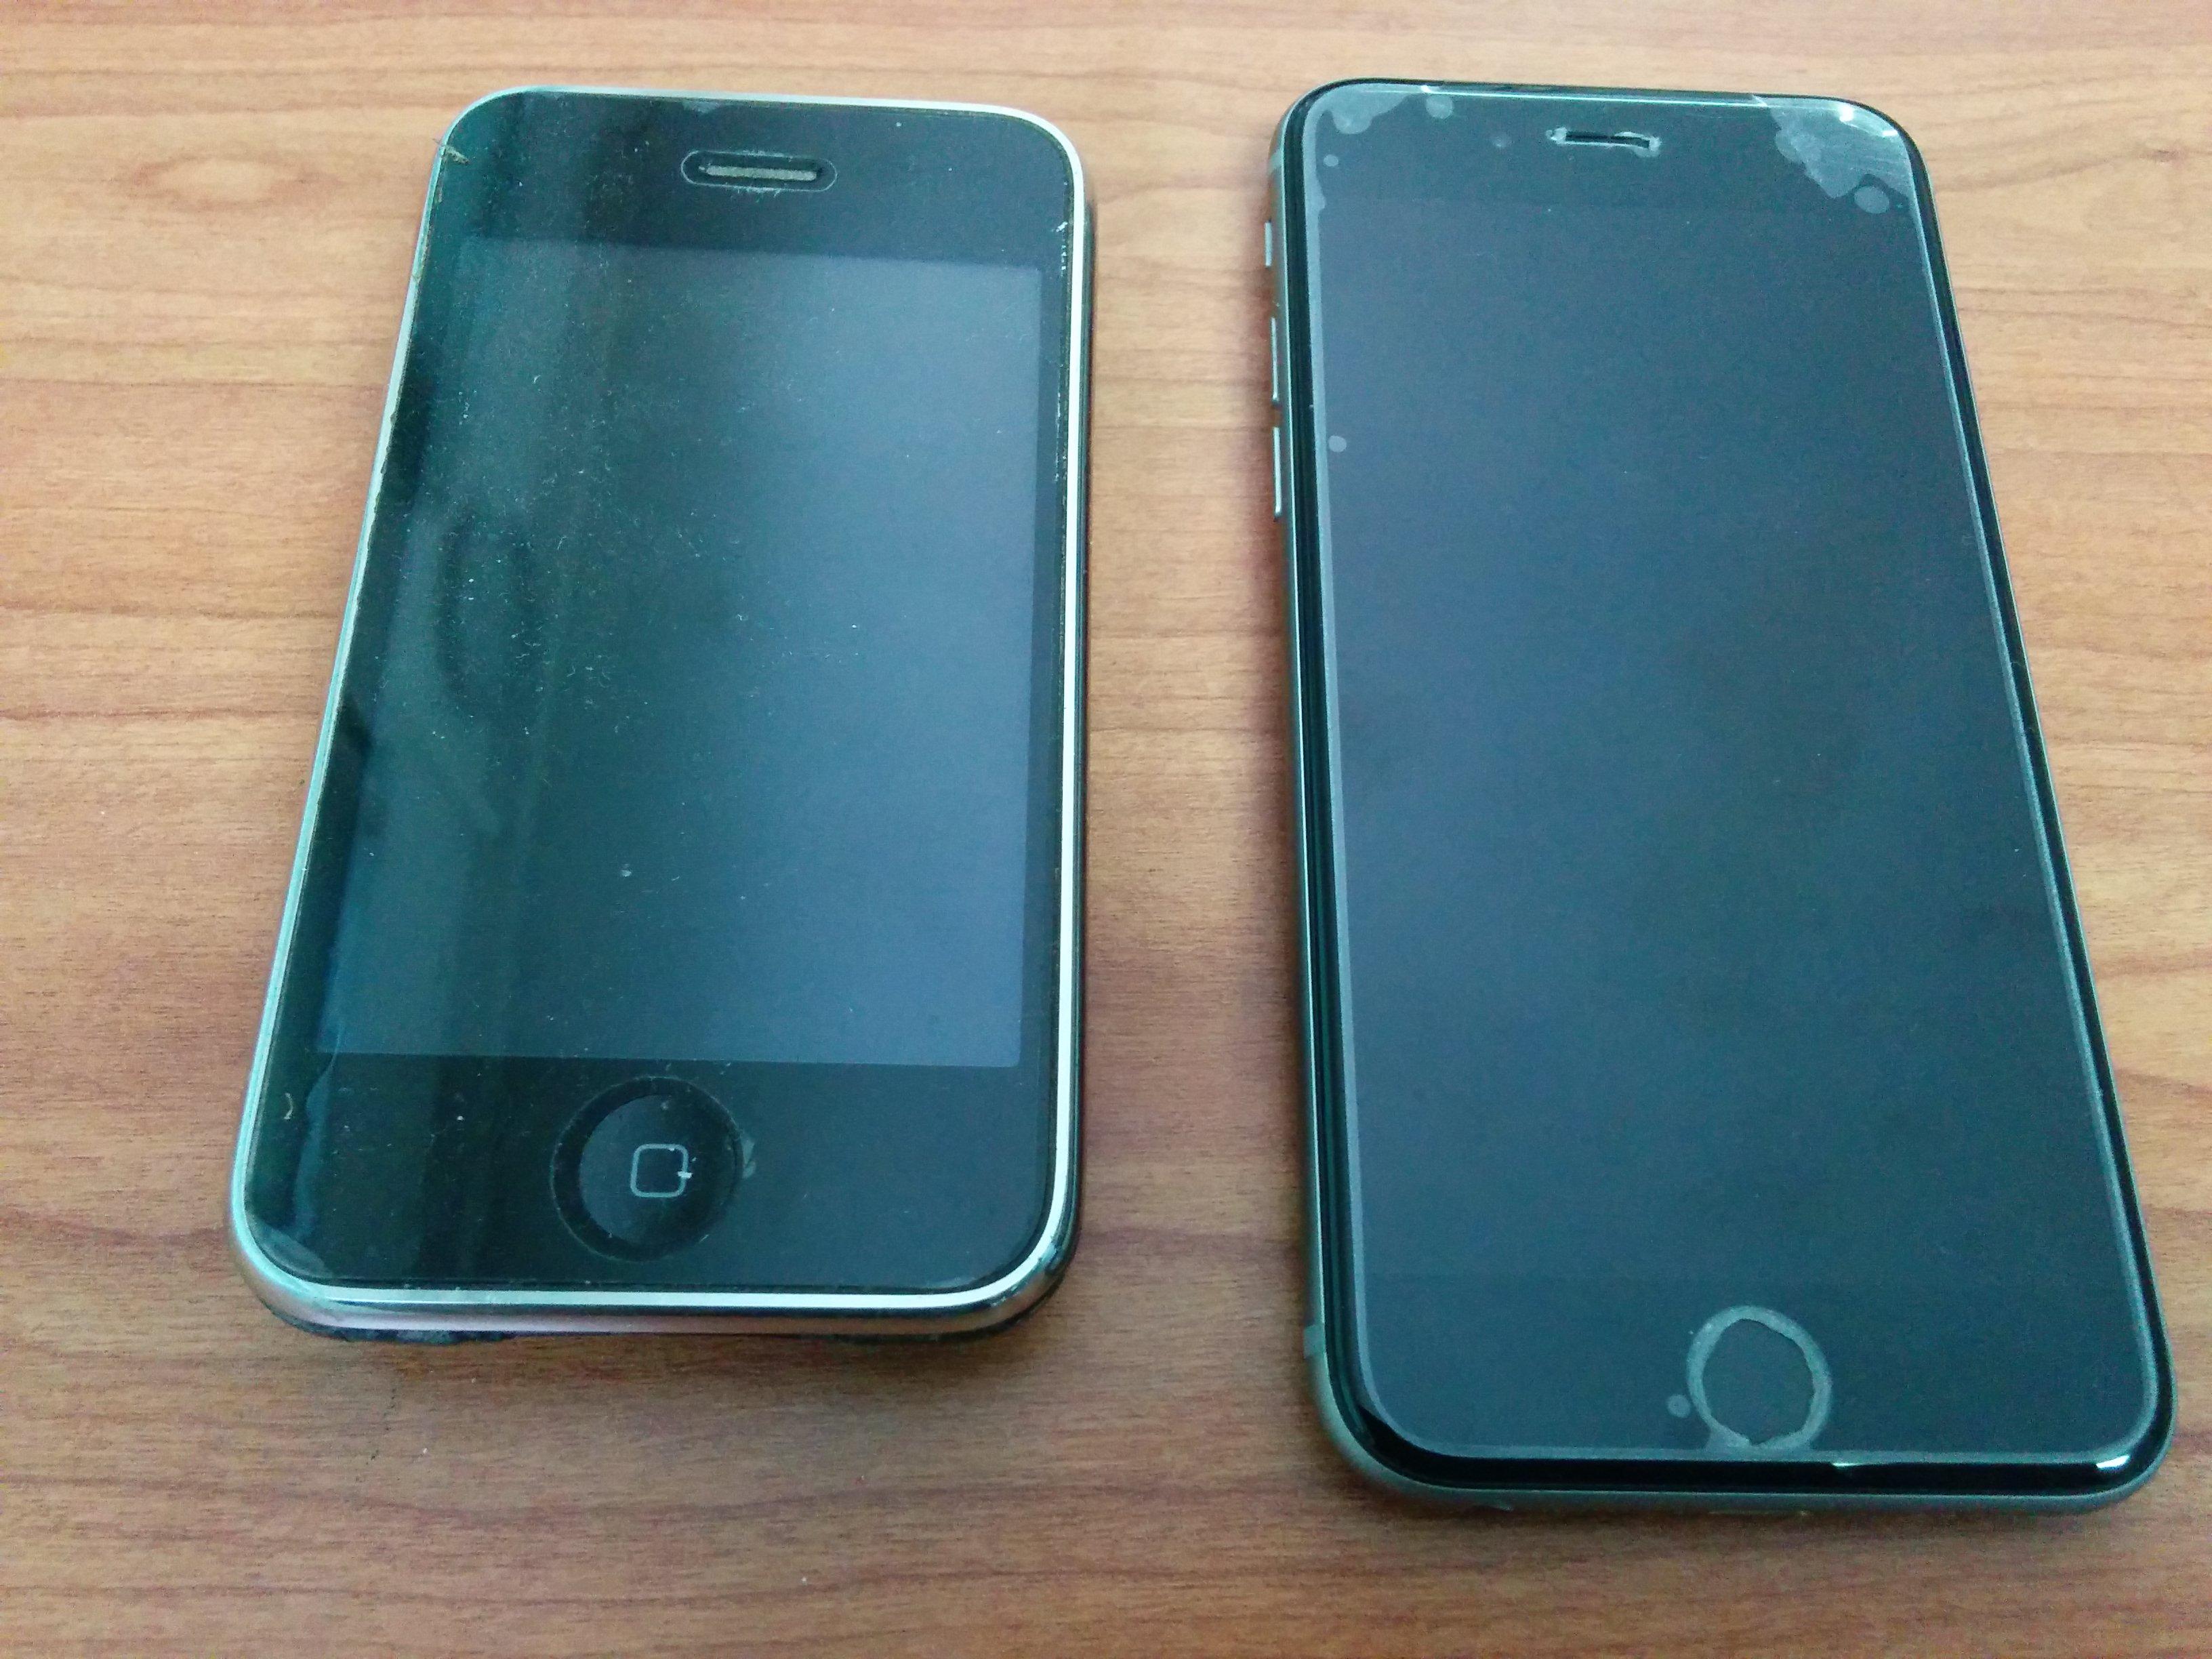 האייפון הישן משמאל, החדש - מימין. התמונה צולמה ע״י מכשיר האנדרואיד שלי